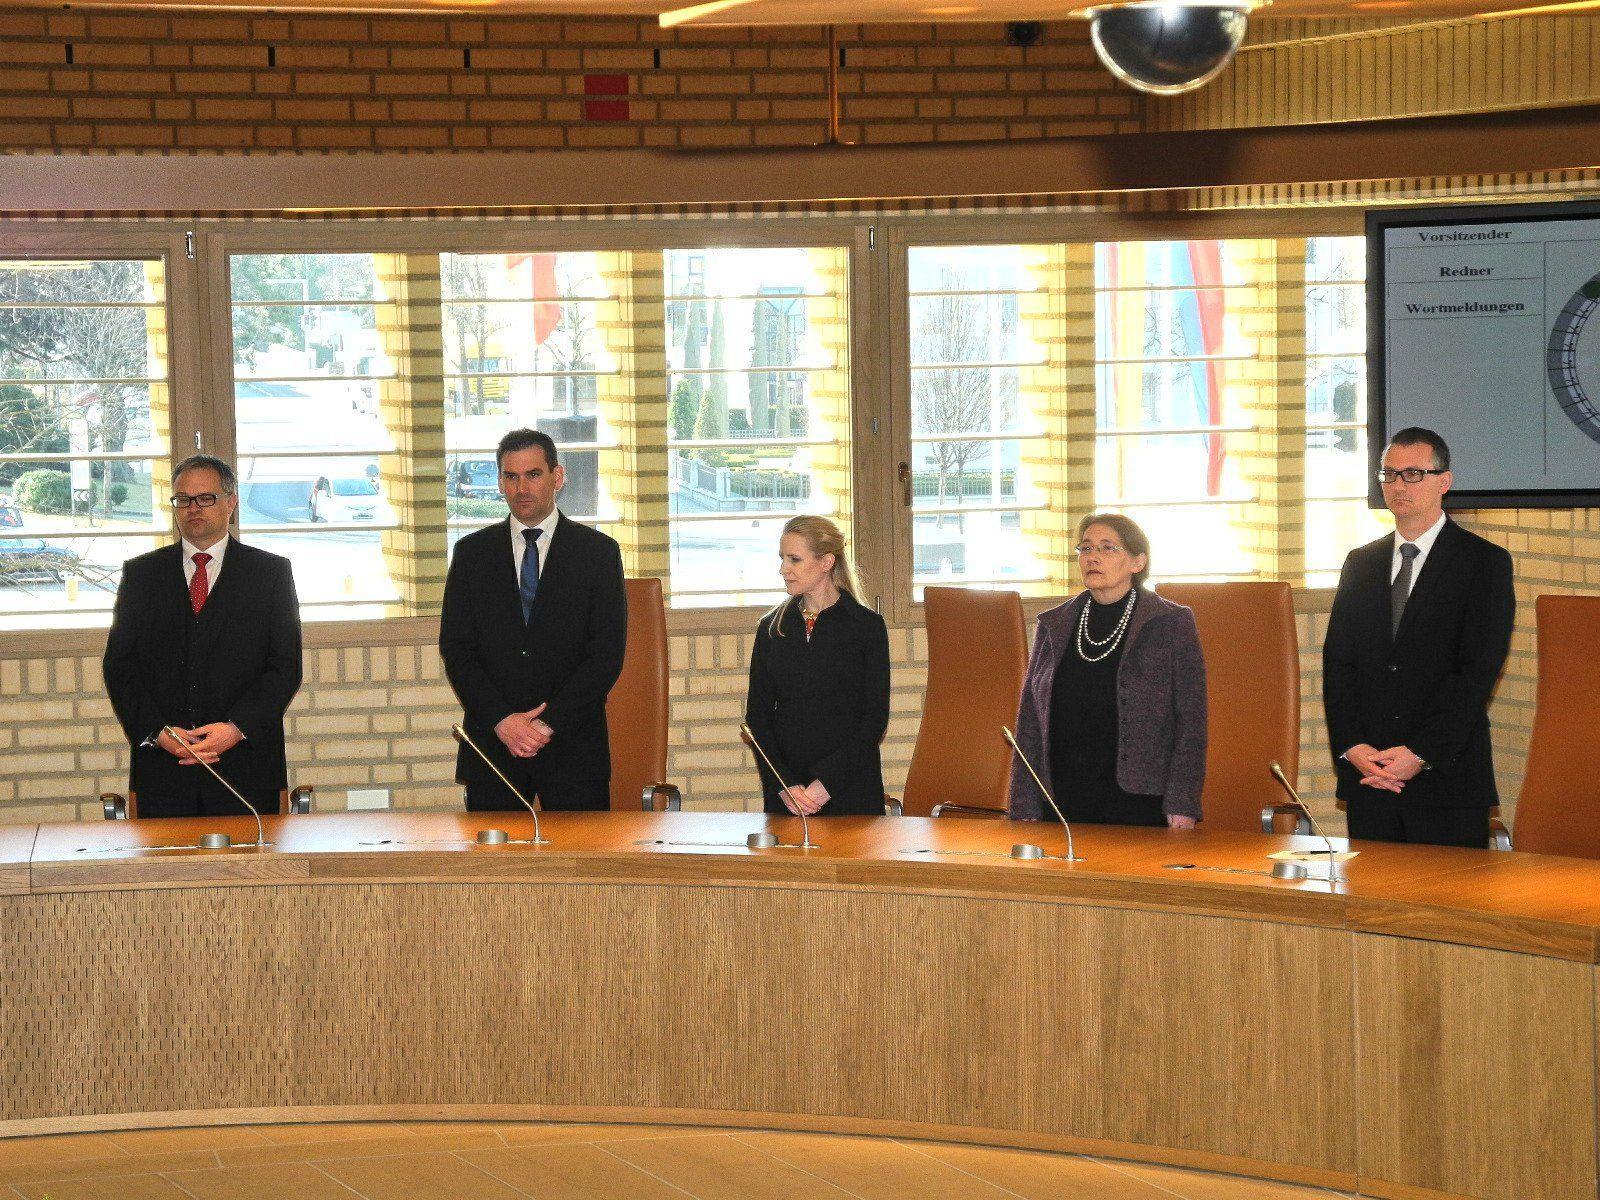 (l.) Die derzeitige Regierungsmannschaft Liechtensteins: Klaus Tschütscher, Martin Meyer, Aurelia Frick, Renate Müssner und Hugo Quaderer